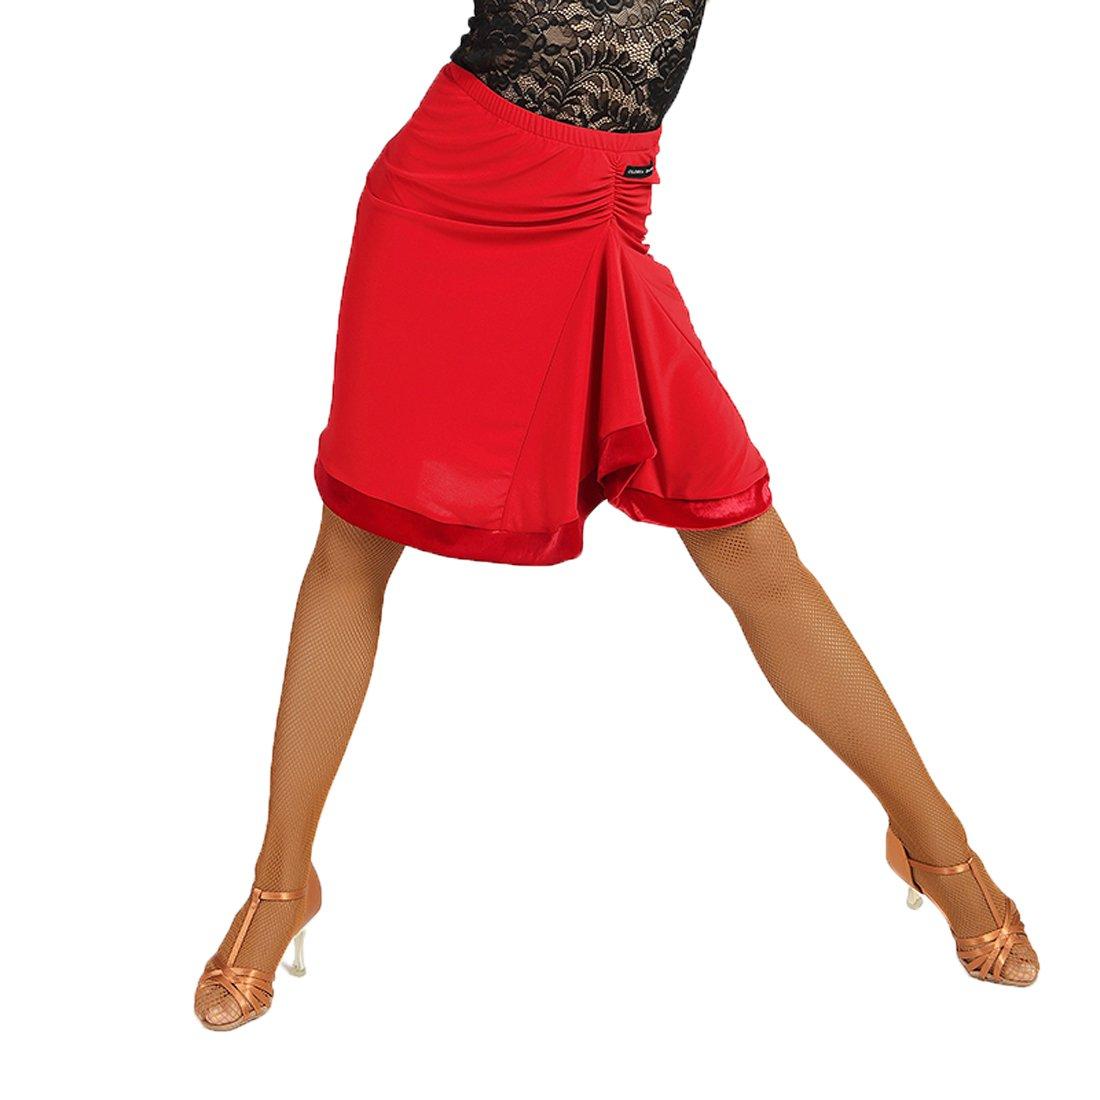 SCGGINTTANZ G2026 Latino Moderno Ballo da Danza Professionale Le gonne di Bordo in Velluto con Superficie Pieghevole Irregolare